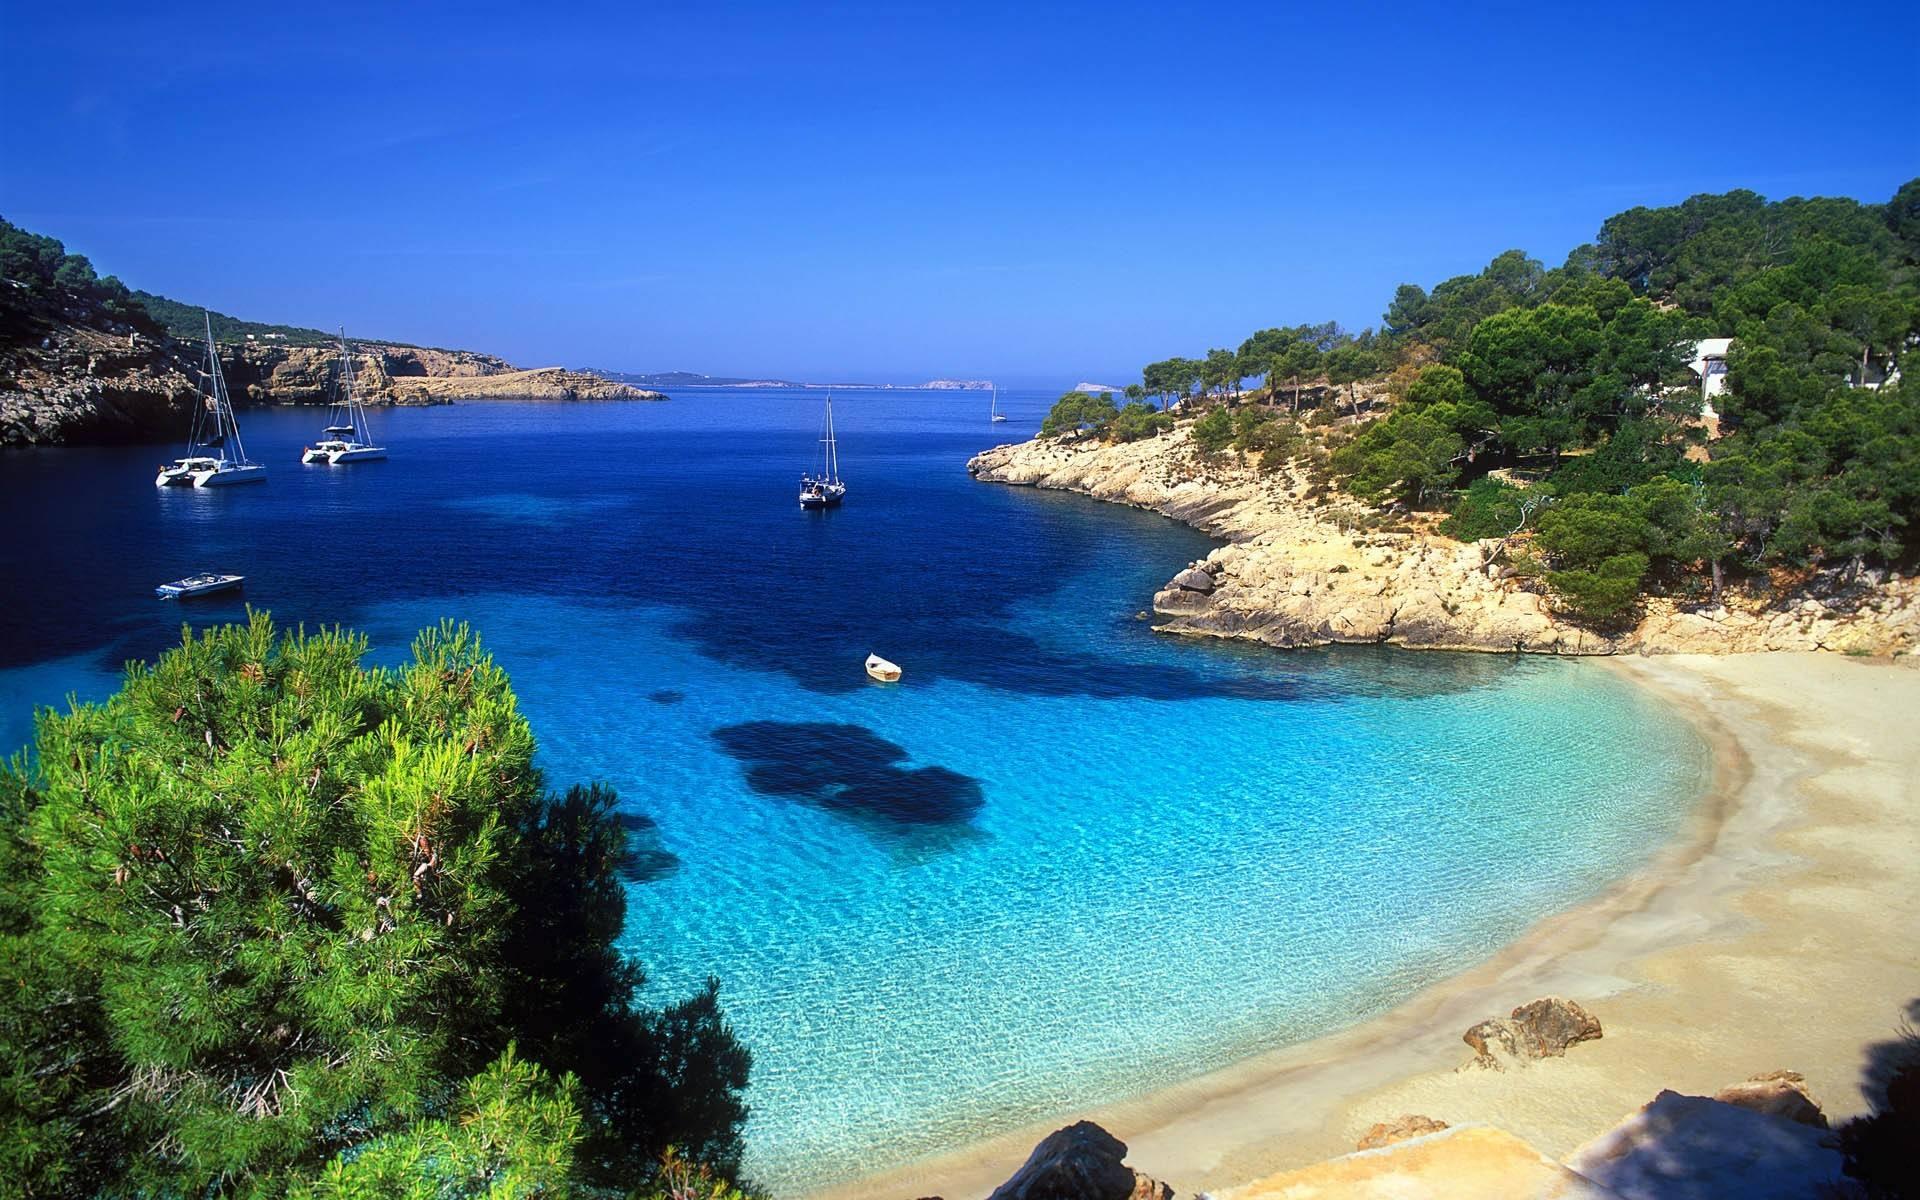 《全球最美十大海岛》榜单出炉,普吉仅第8,第一是谁?